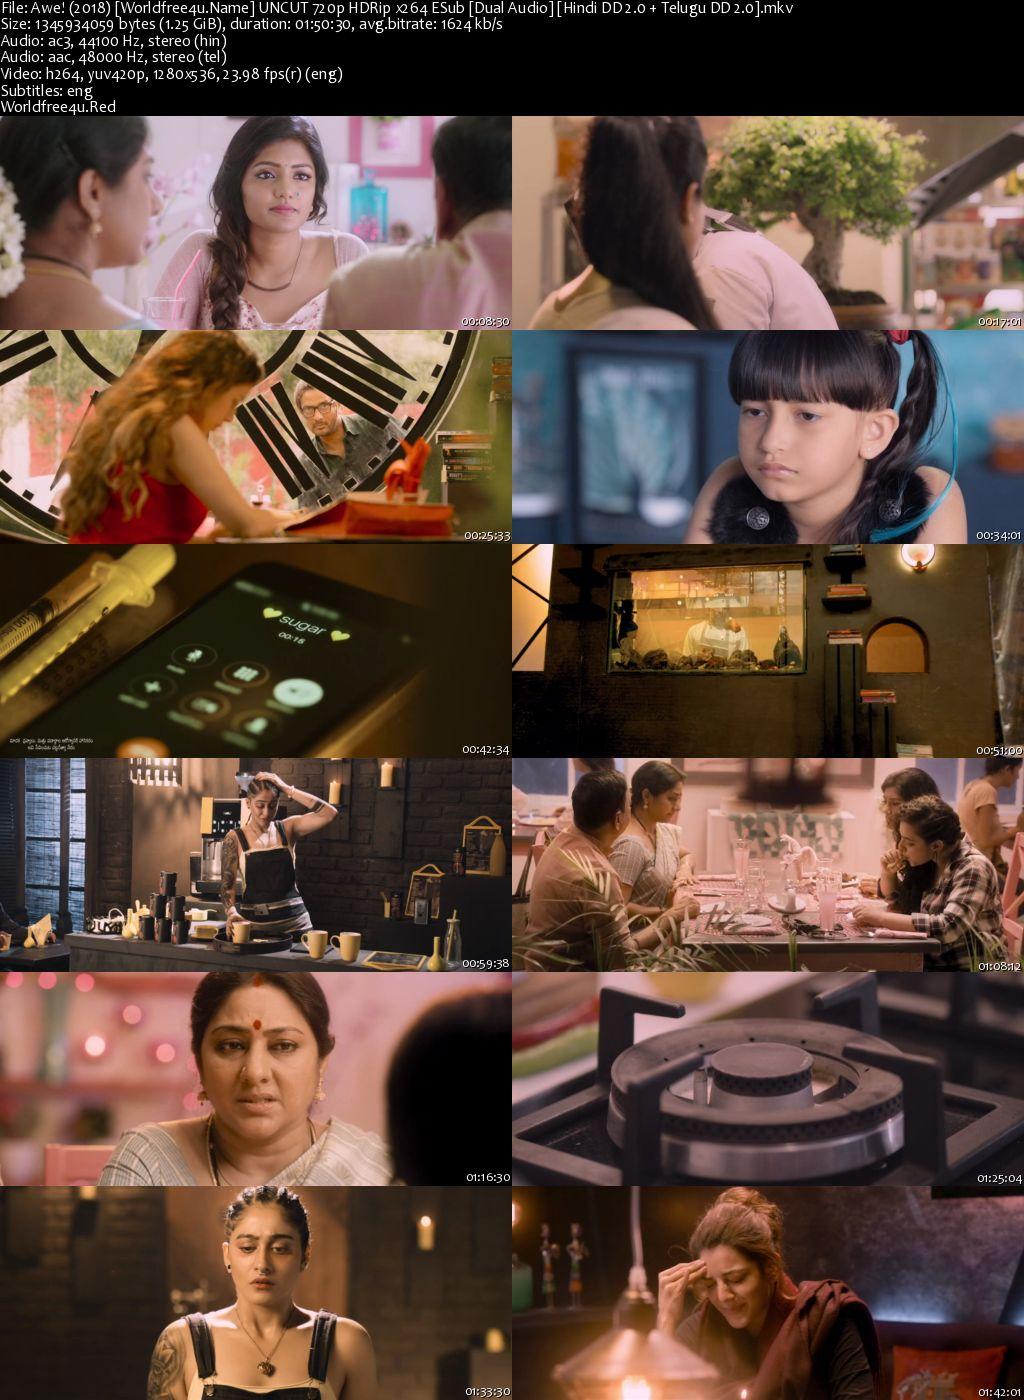 Awe! 2018 Hindi Dubbed HDRip 720p